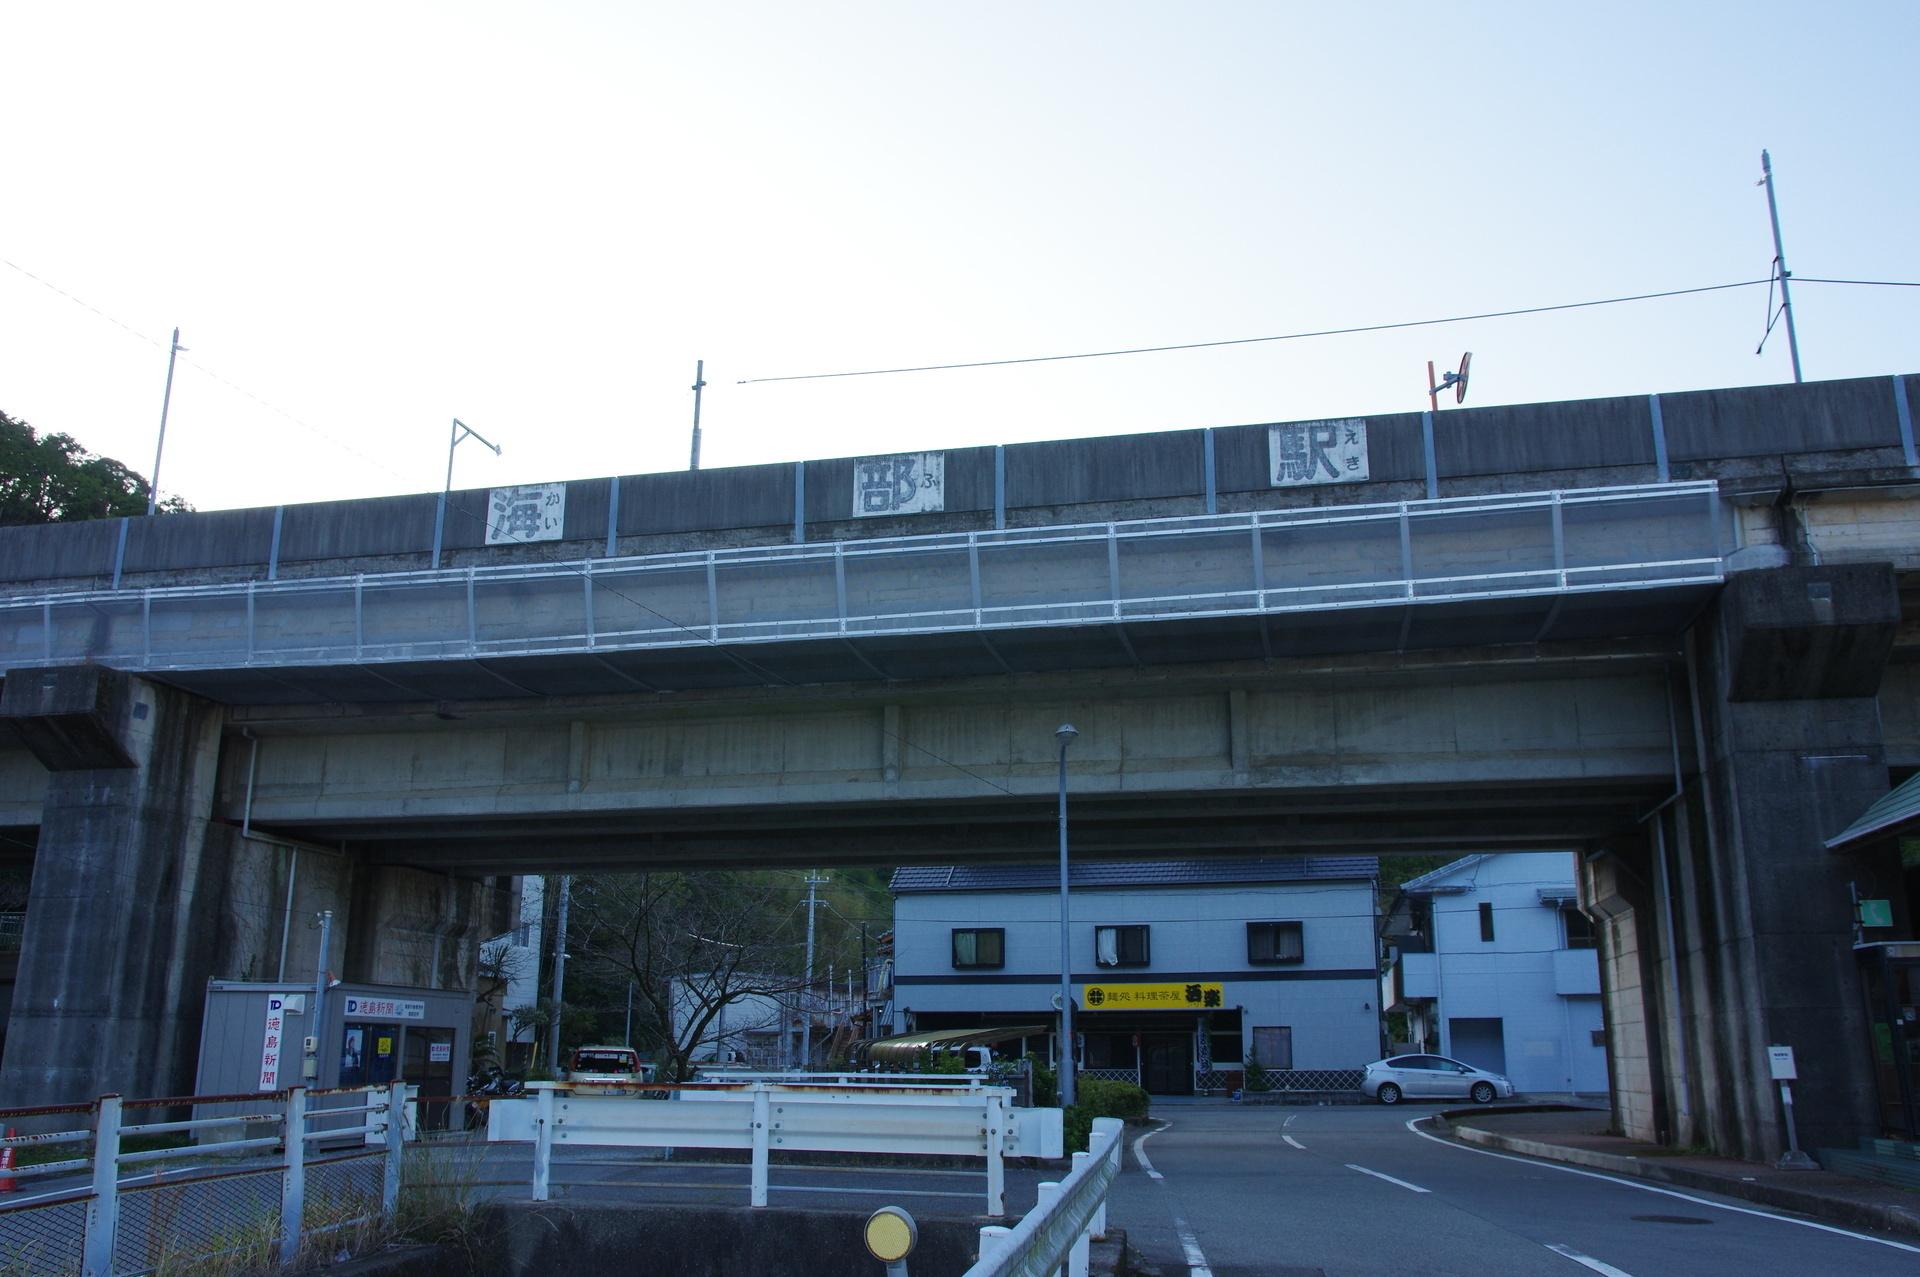 「海部駅」と描かれた高架線の側壁